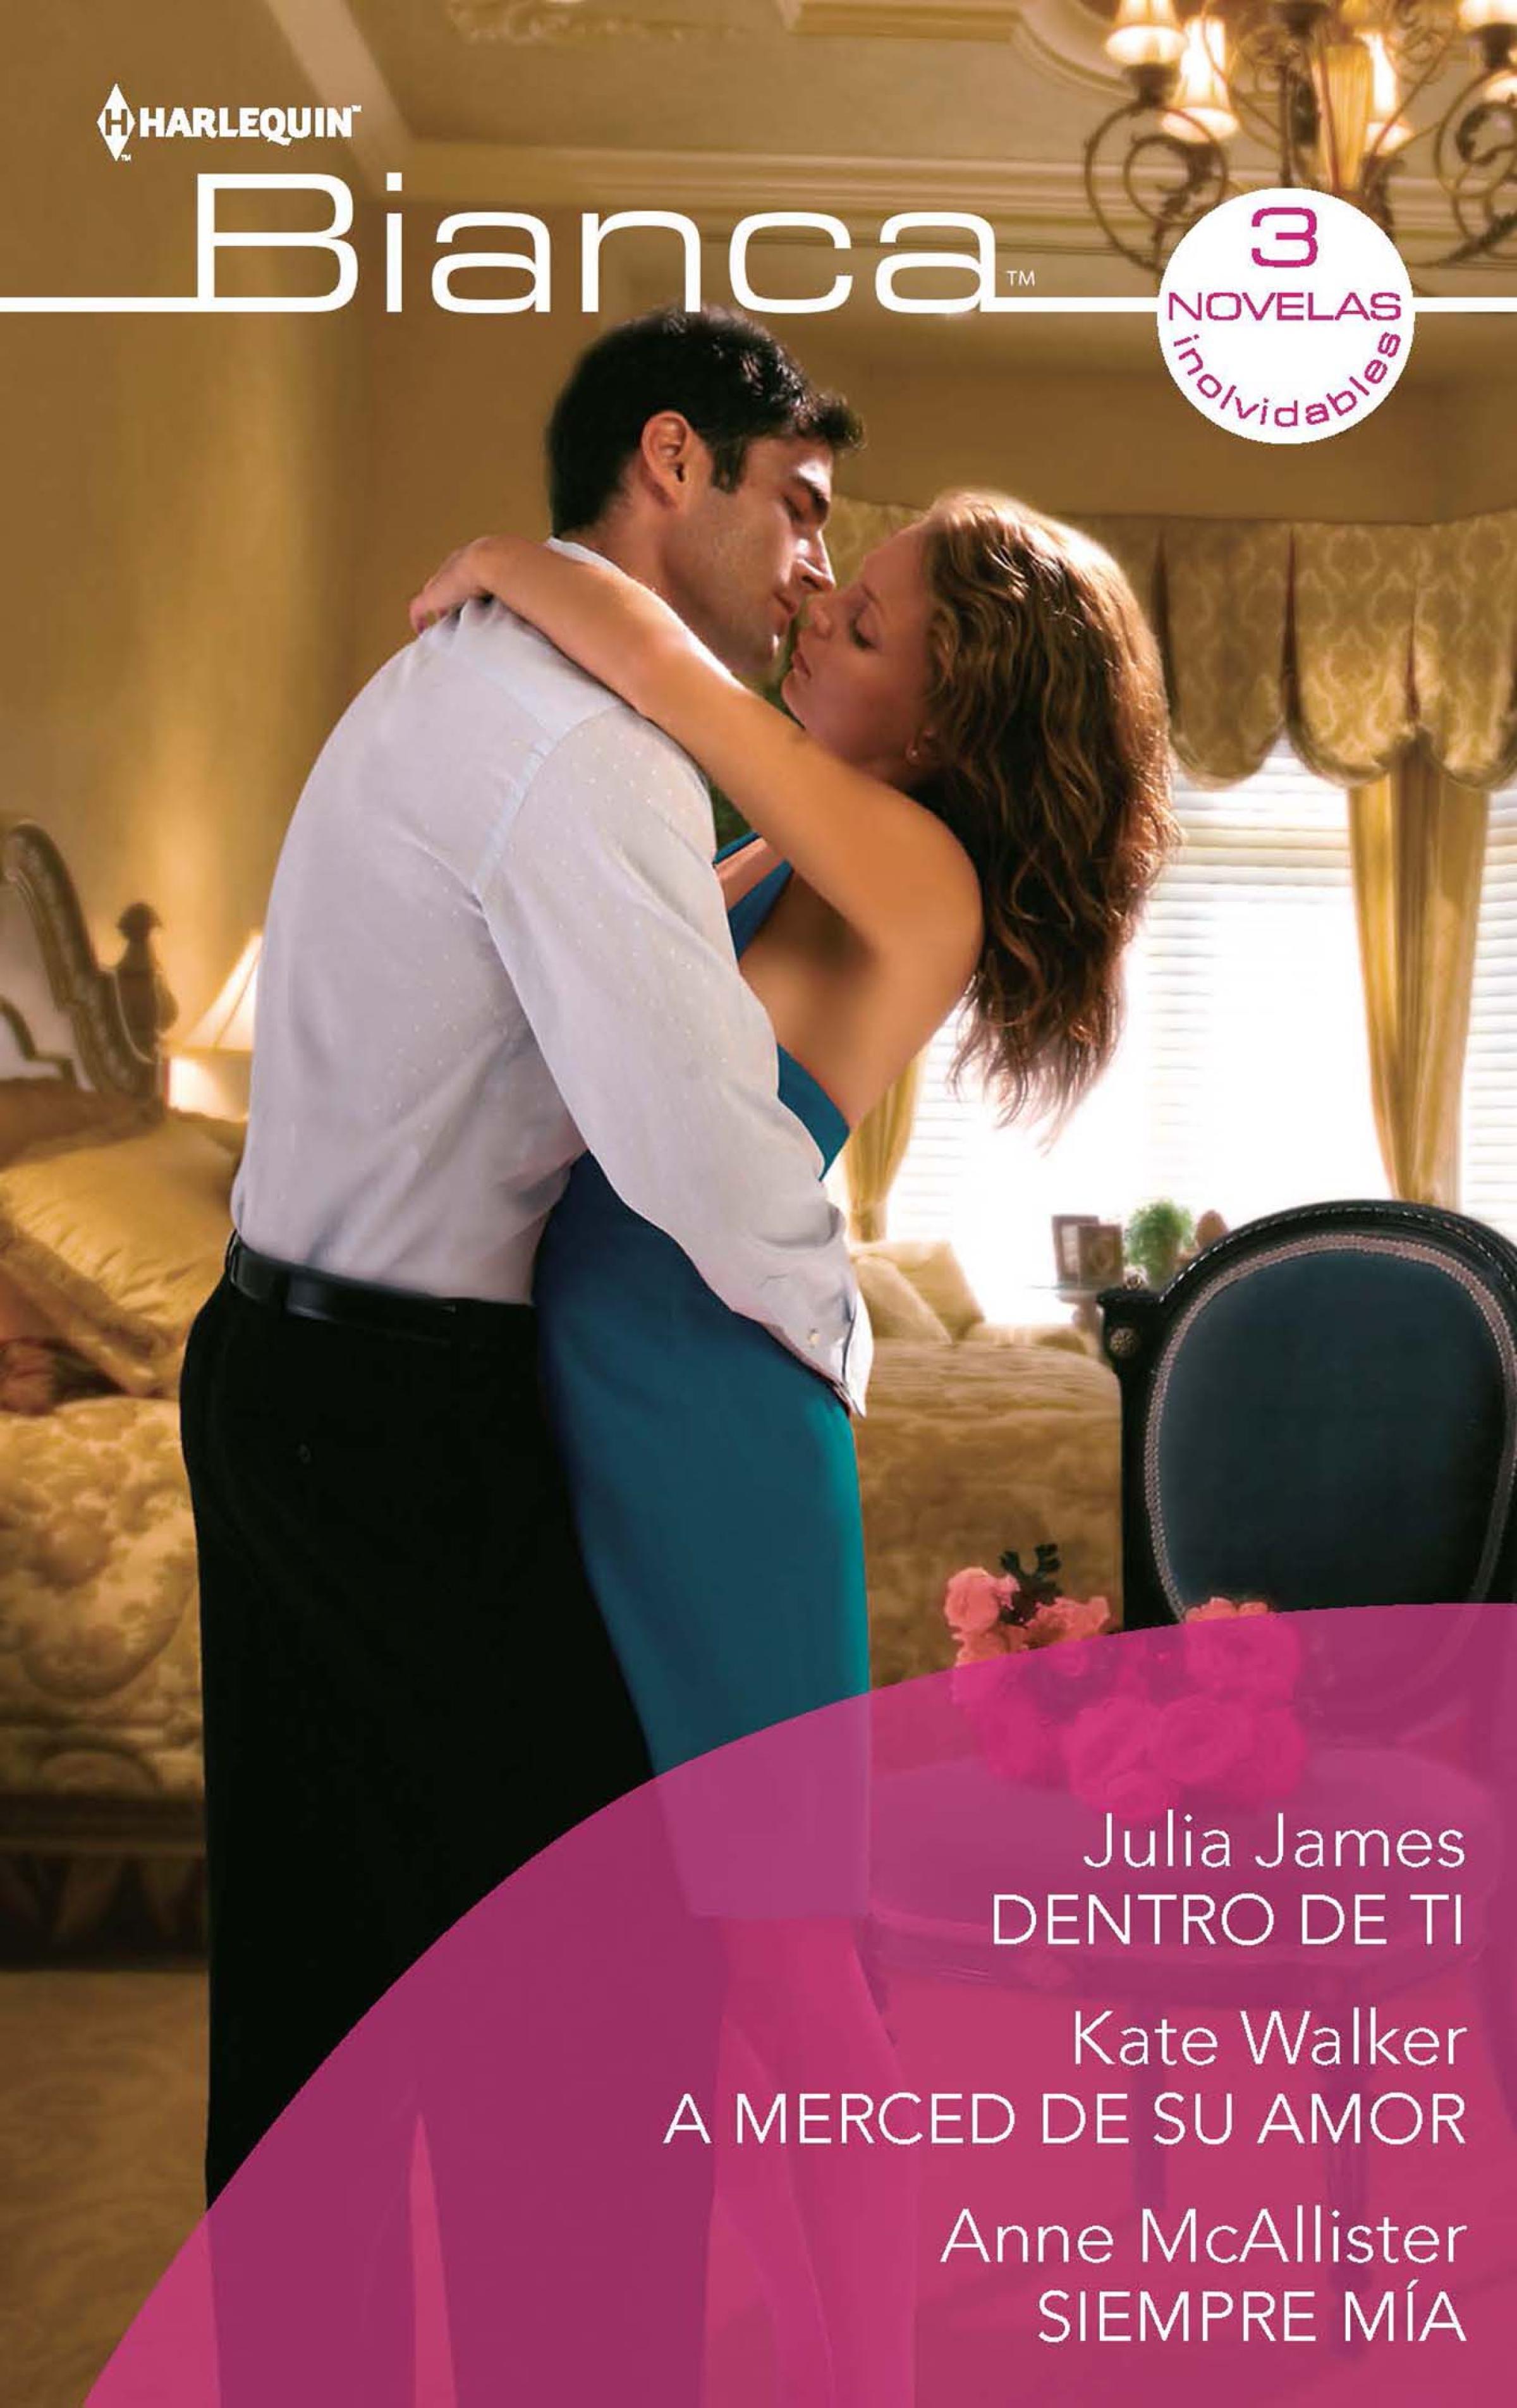 Julia James Dentro de ti - A merced de su amor - Siempre mía oxley james macdonald ti ti pu a boy of red river